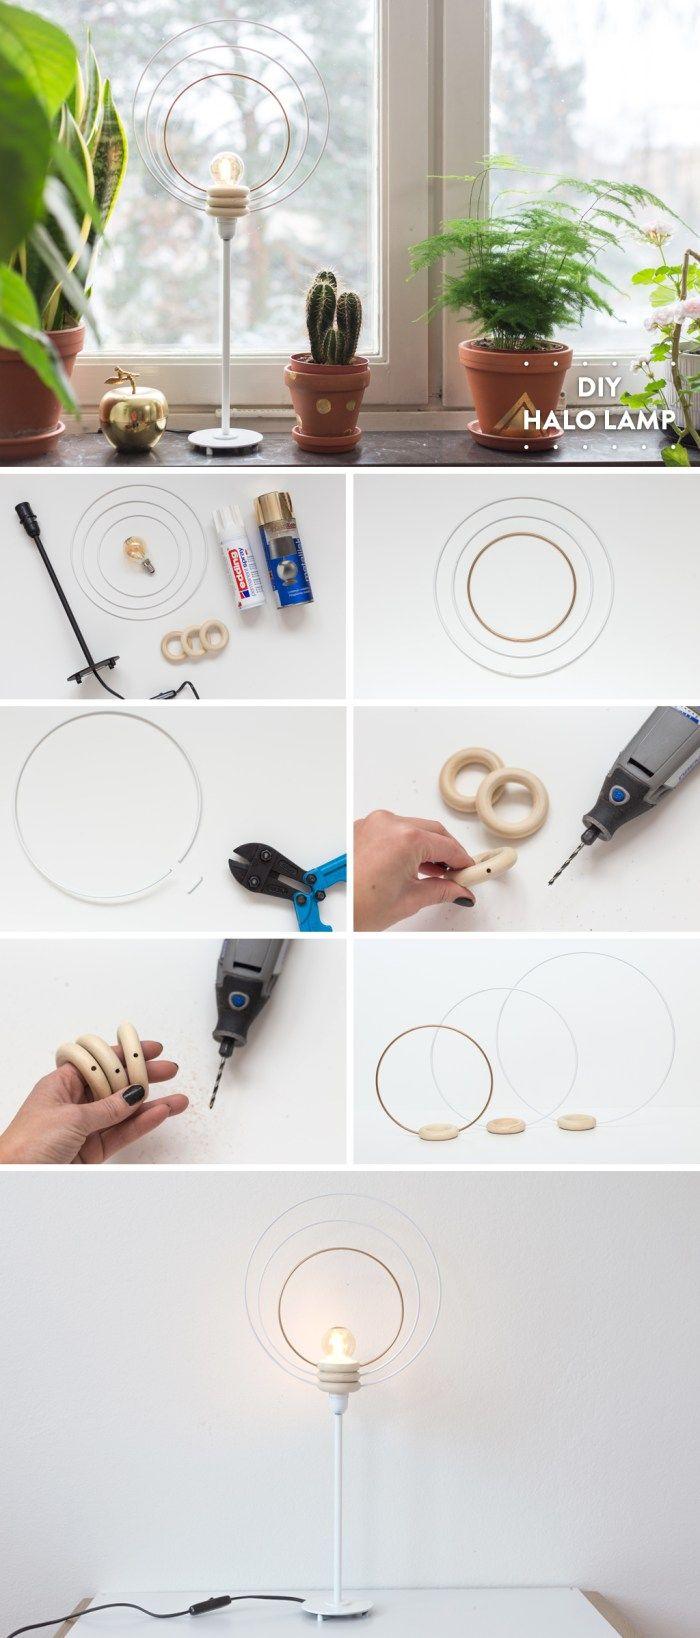 DIY Halo Lamp | by Anna María